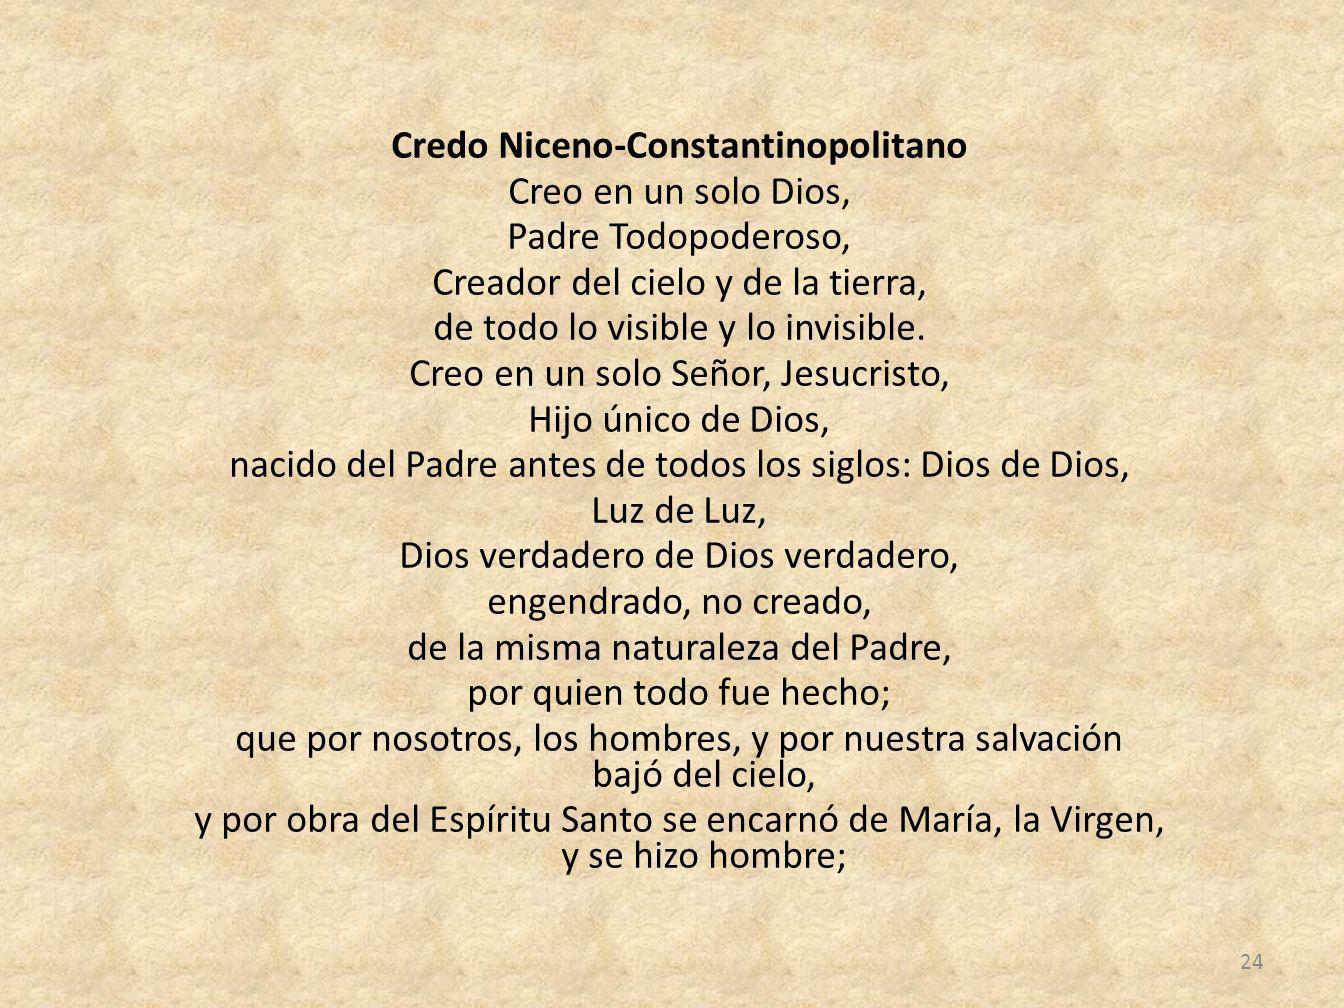 Credo Niceno-Constantinopolitano Creo en un solo Dios, Padre Todopoderoso, Creador del cielo y de la tierra, de todo lo visible y lo invisible.